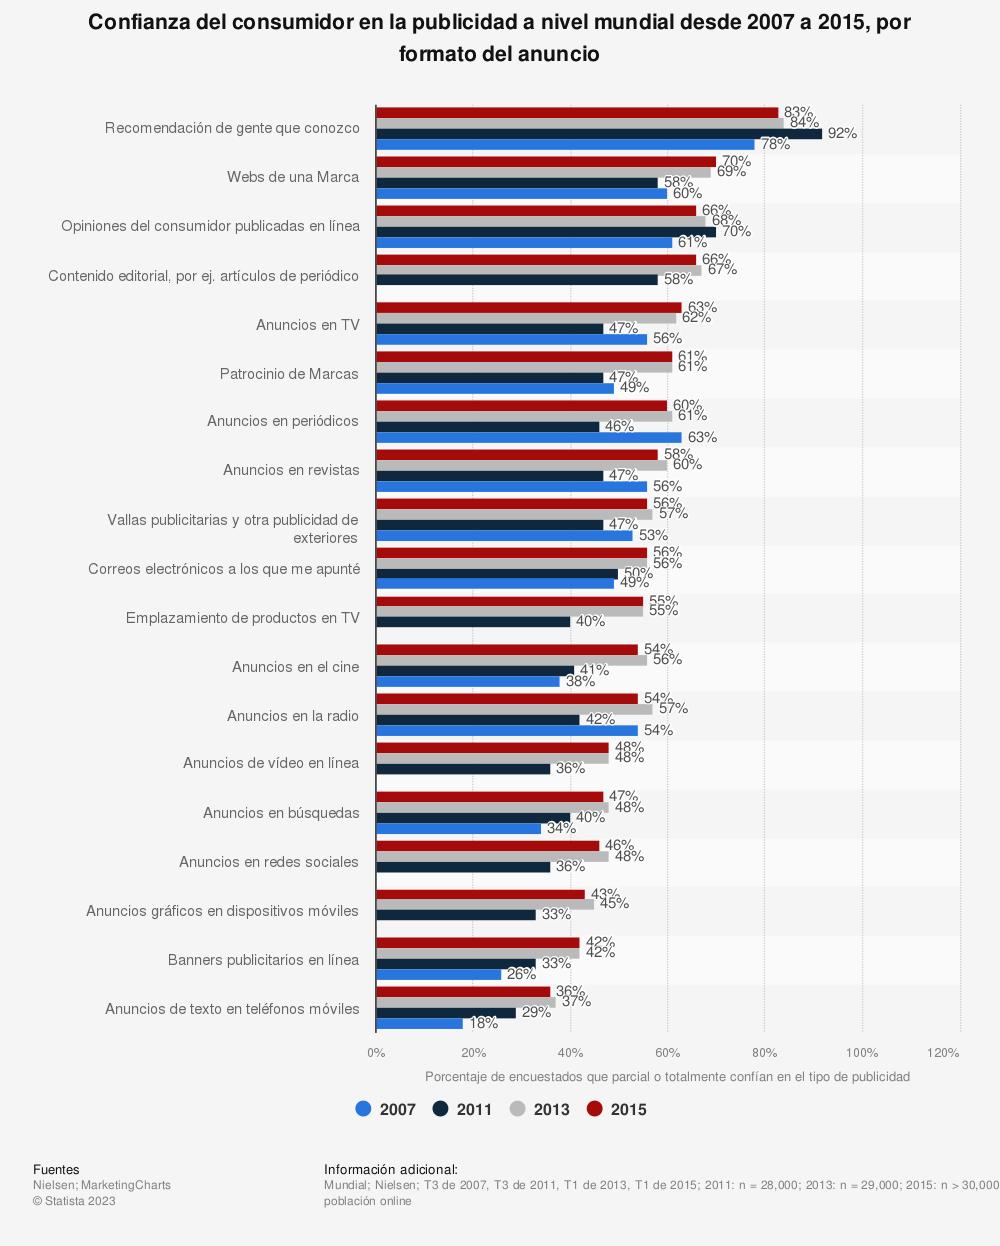 Estadística: Confianza del consumidor en la publicidad a nivel mundial desde 2007 a 2015, por formato del anuncio | Statista